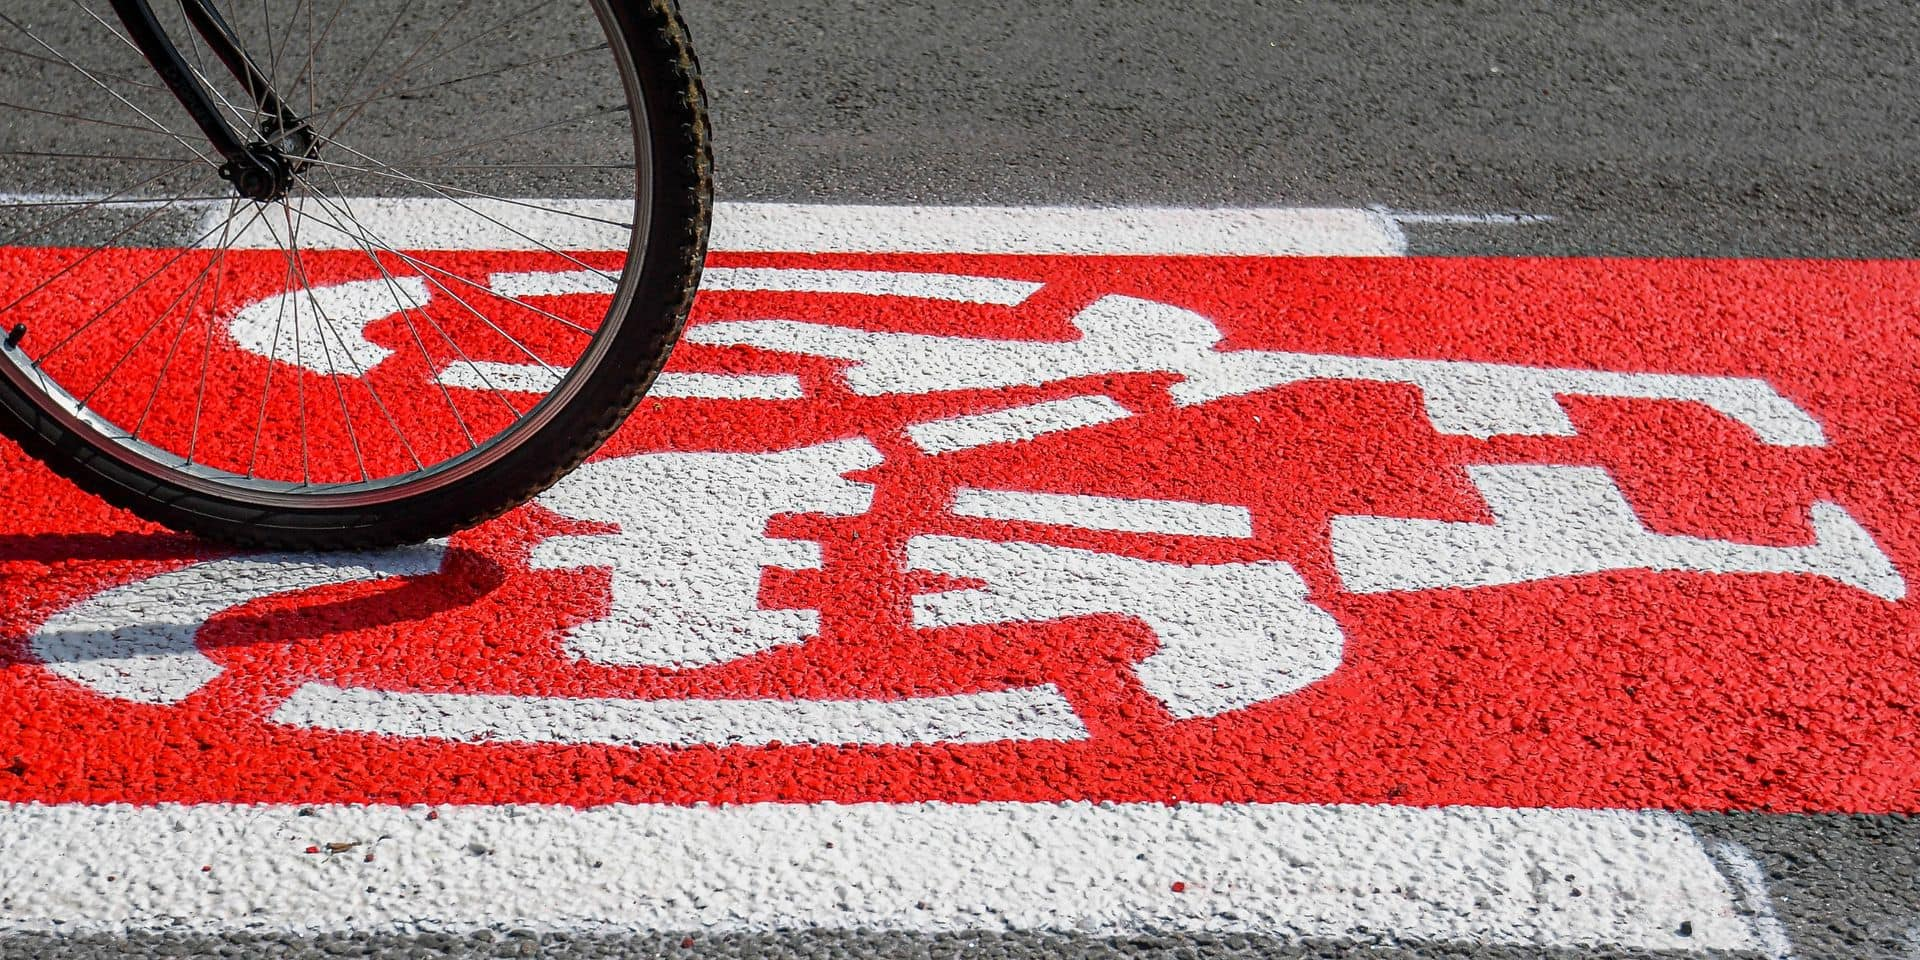 Les Belges recherchent beaucoup de pistes cyclables sur Google Maps